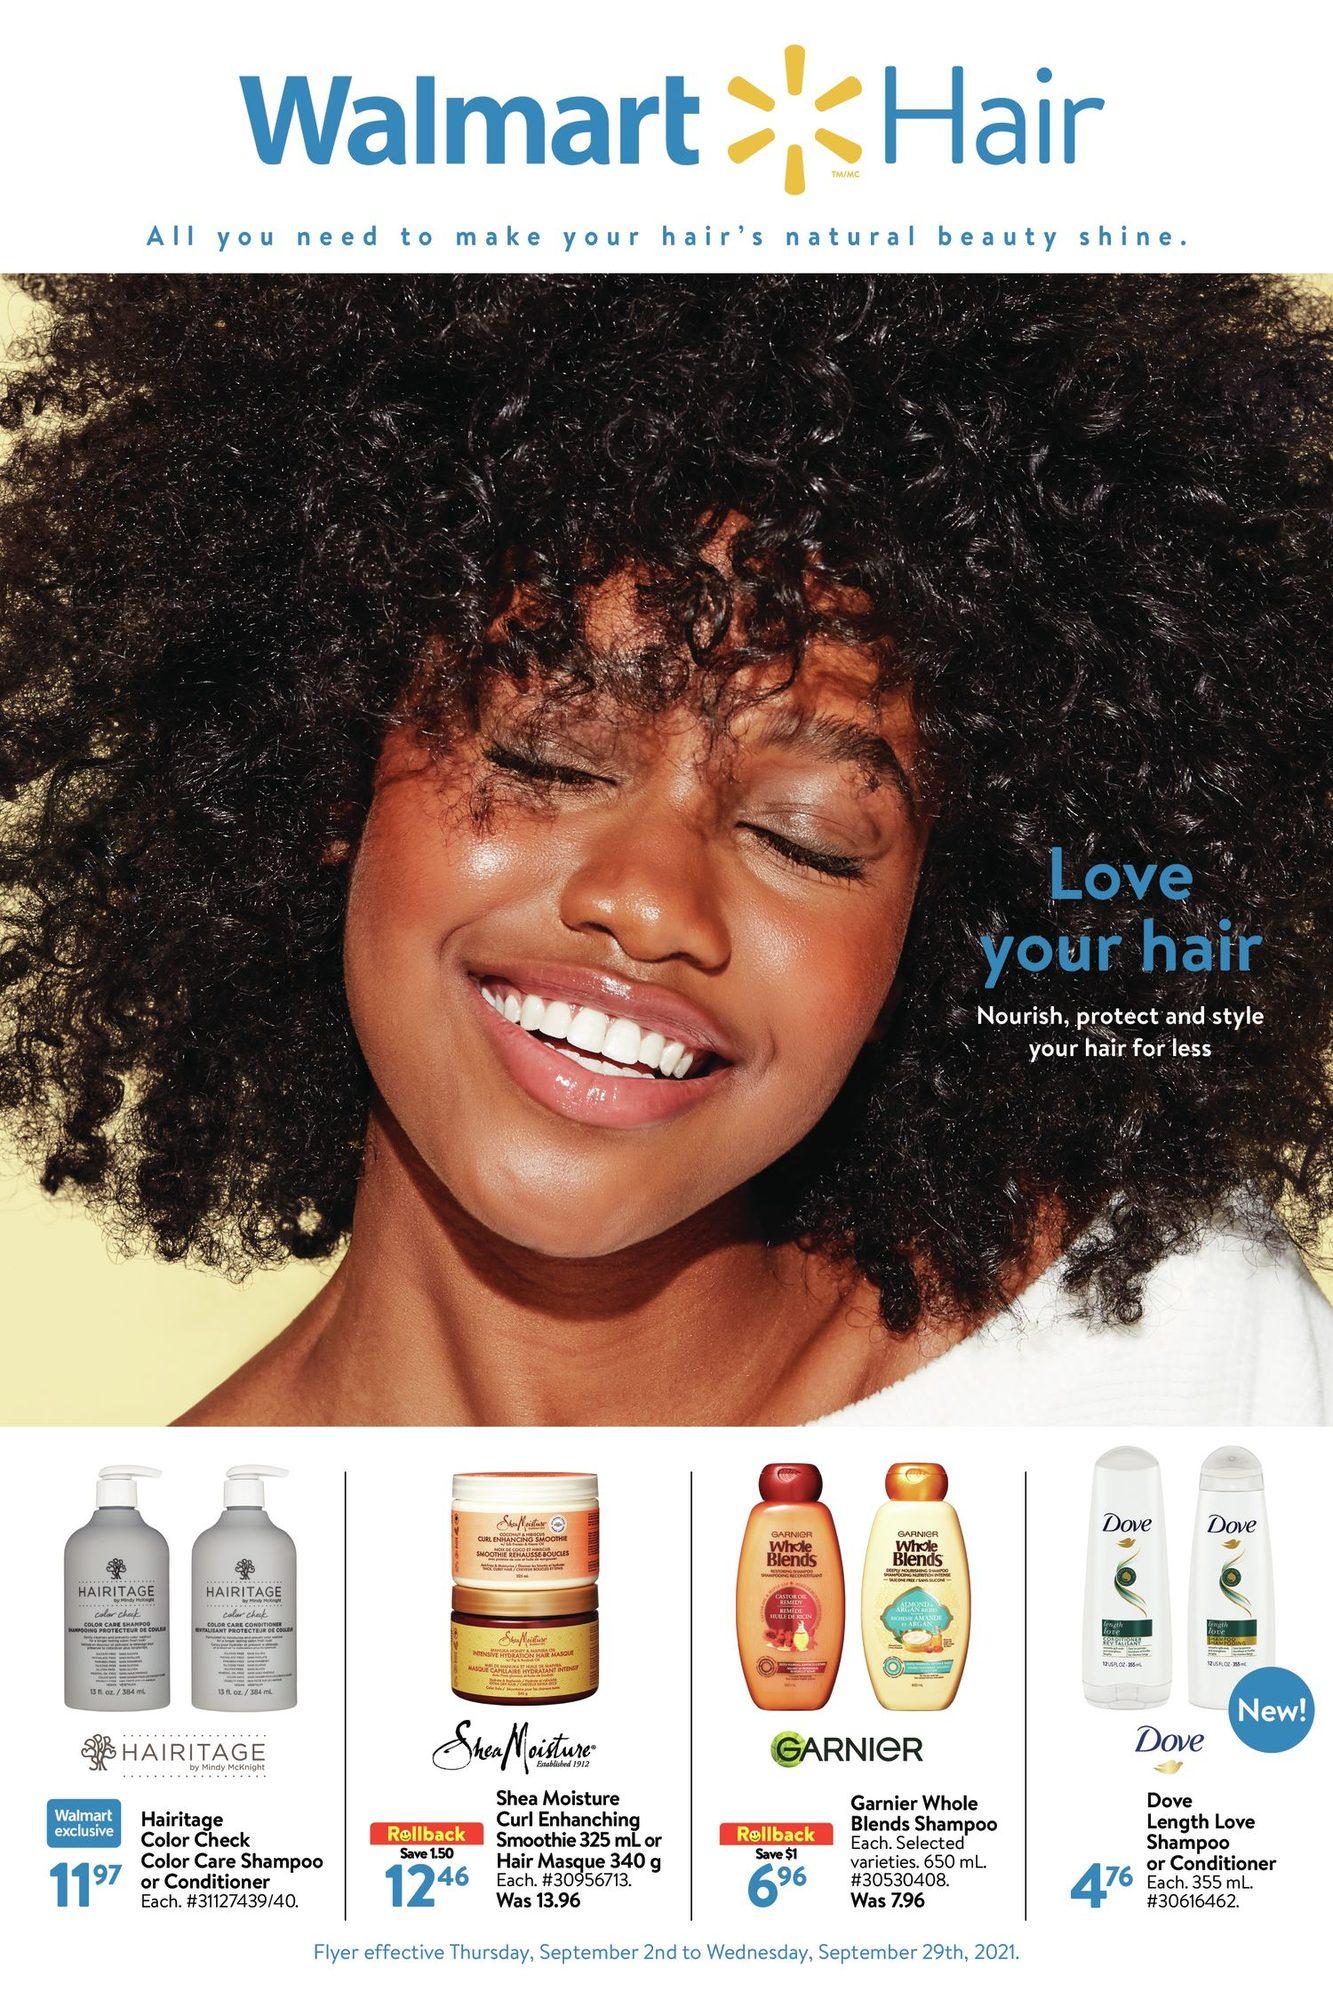 Walmart - Hair Care - Love Your Hair